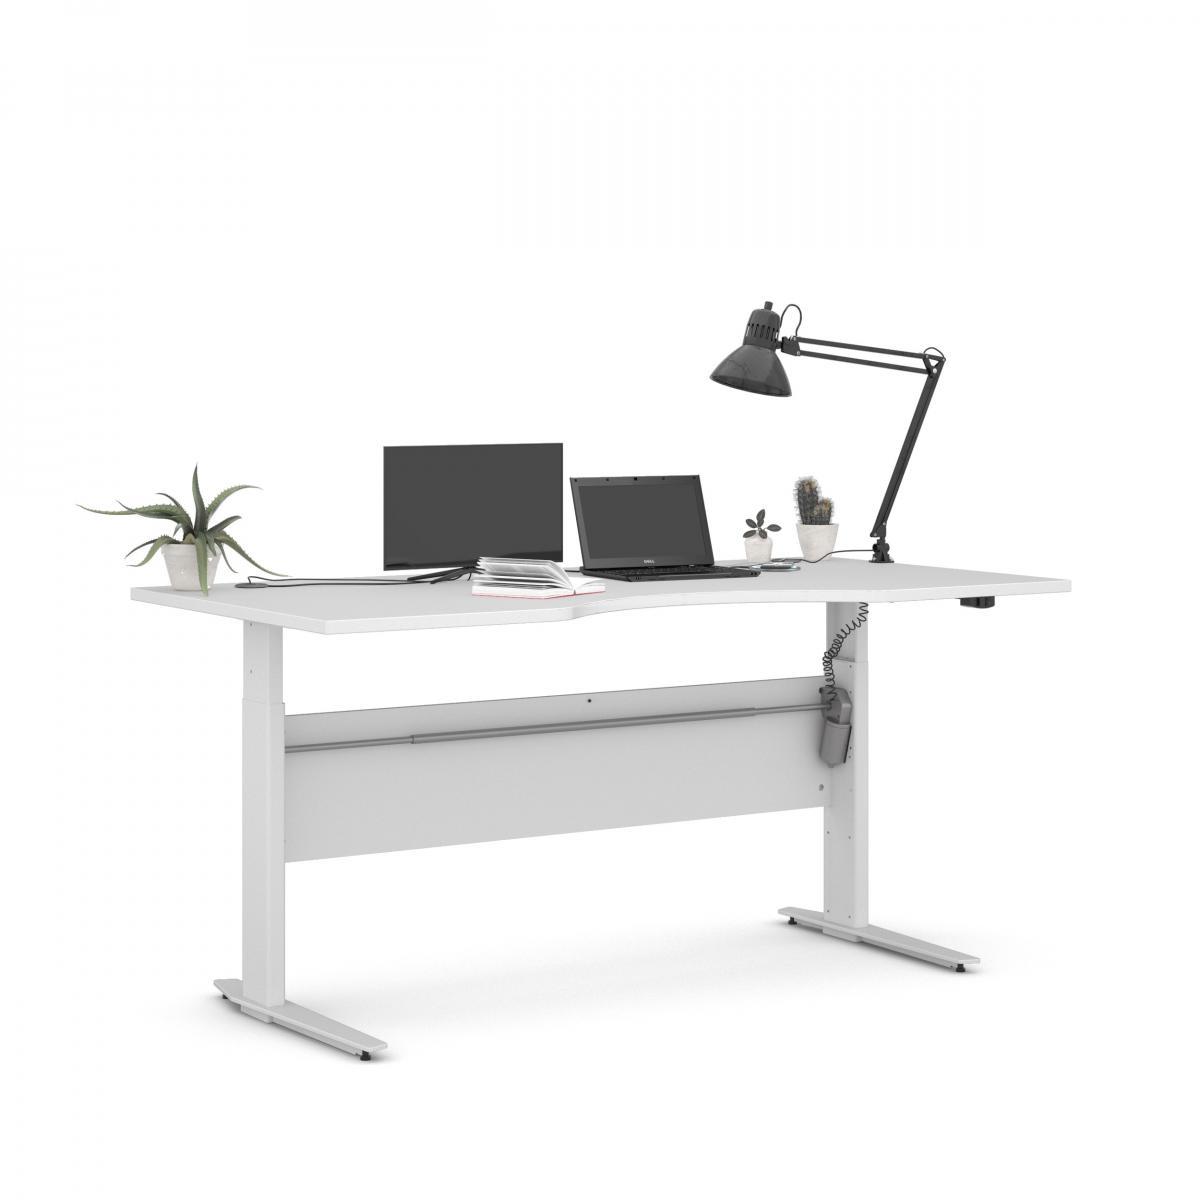 Výškově nastavitený psací stůl Office 474/448 bílá/bílá